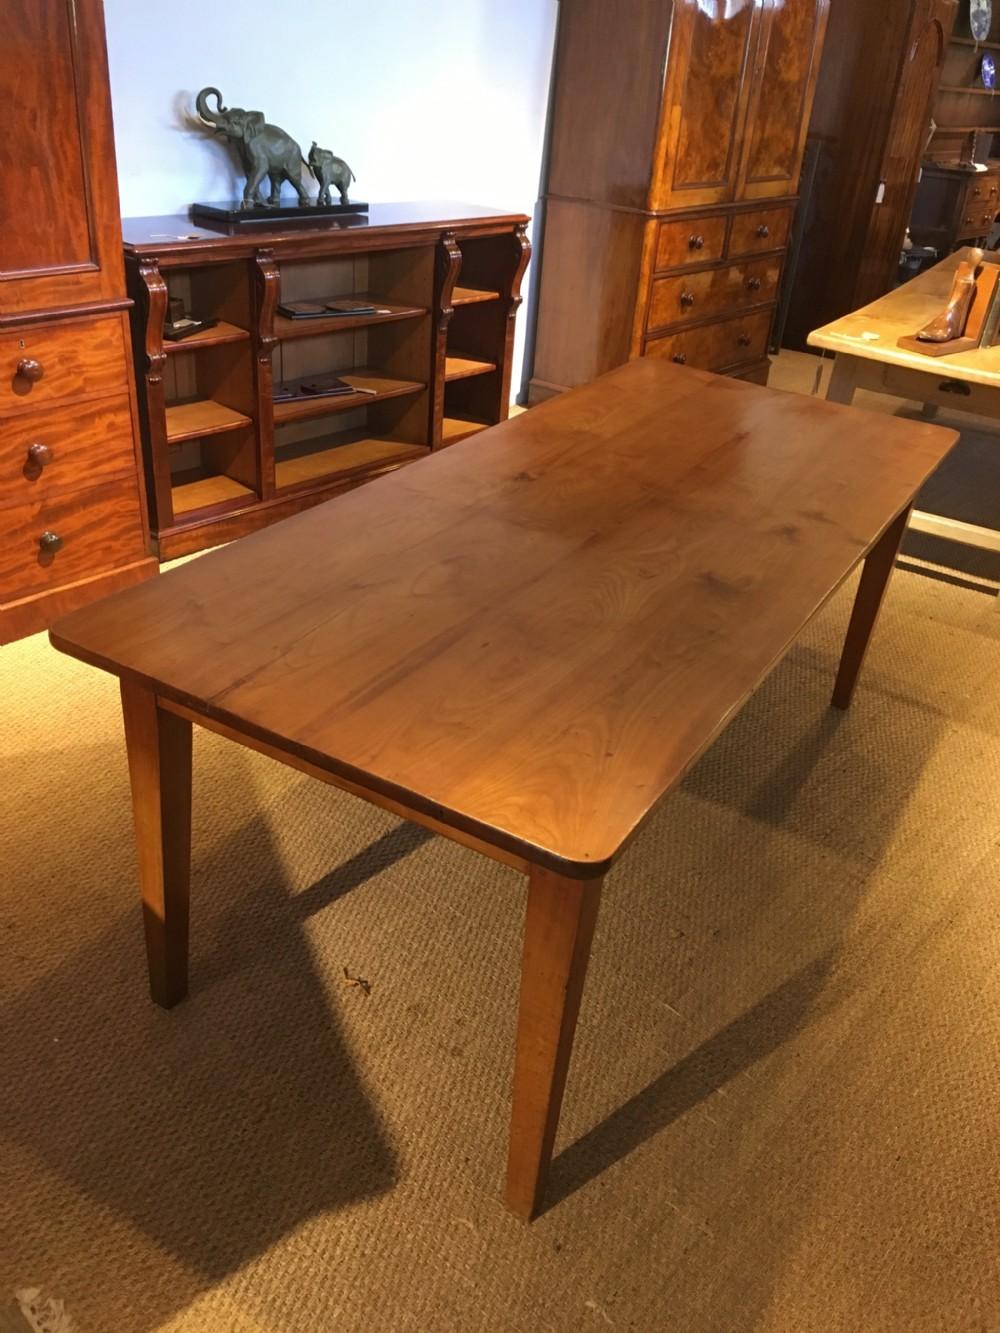 late 19th century cherrywood farmhouse table